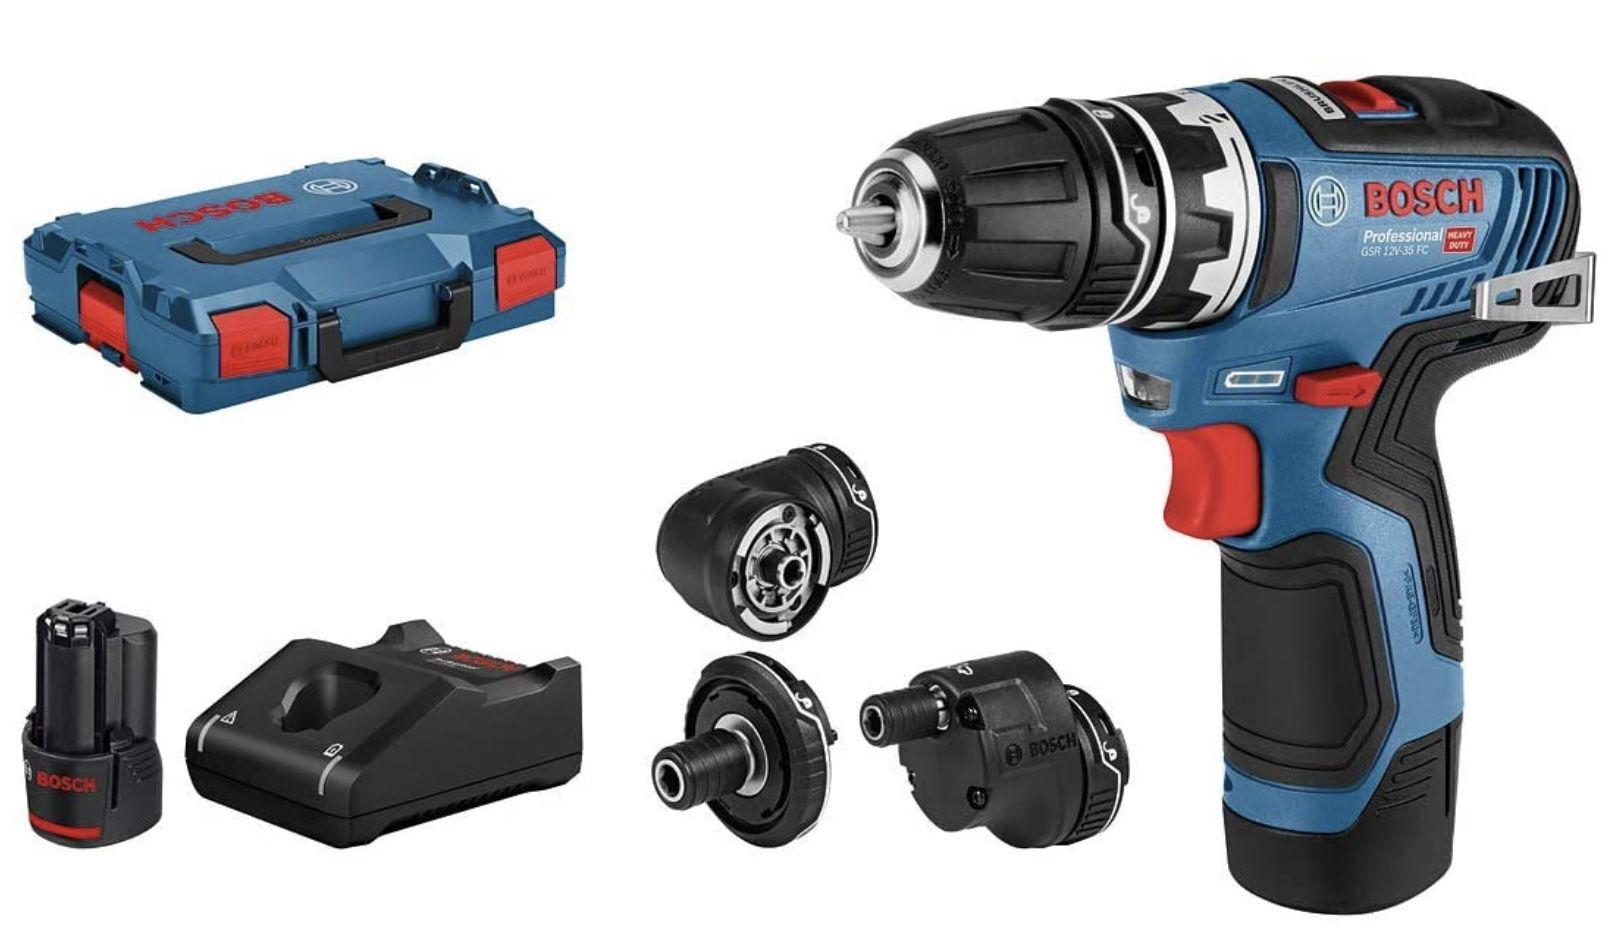 Bosch GSR 12V 35 FC Bohrschrauber inkl. 2x3.0 Ah Akku, Schnellladegerät GAL 12V 40 für 189,31€ (statt 209€)